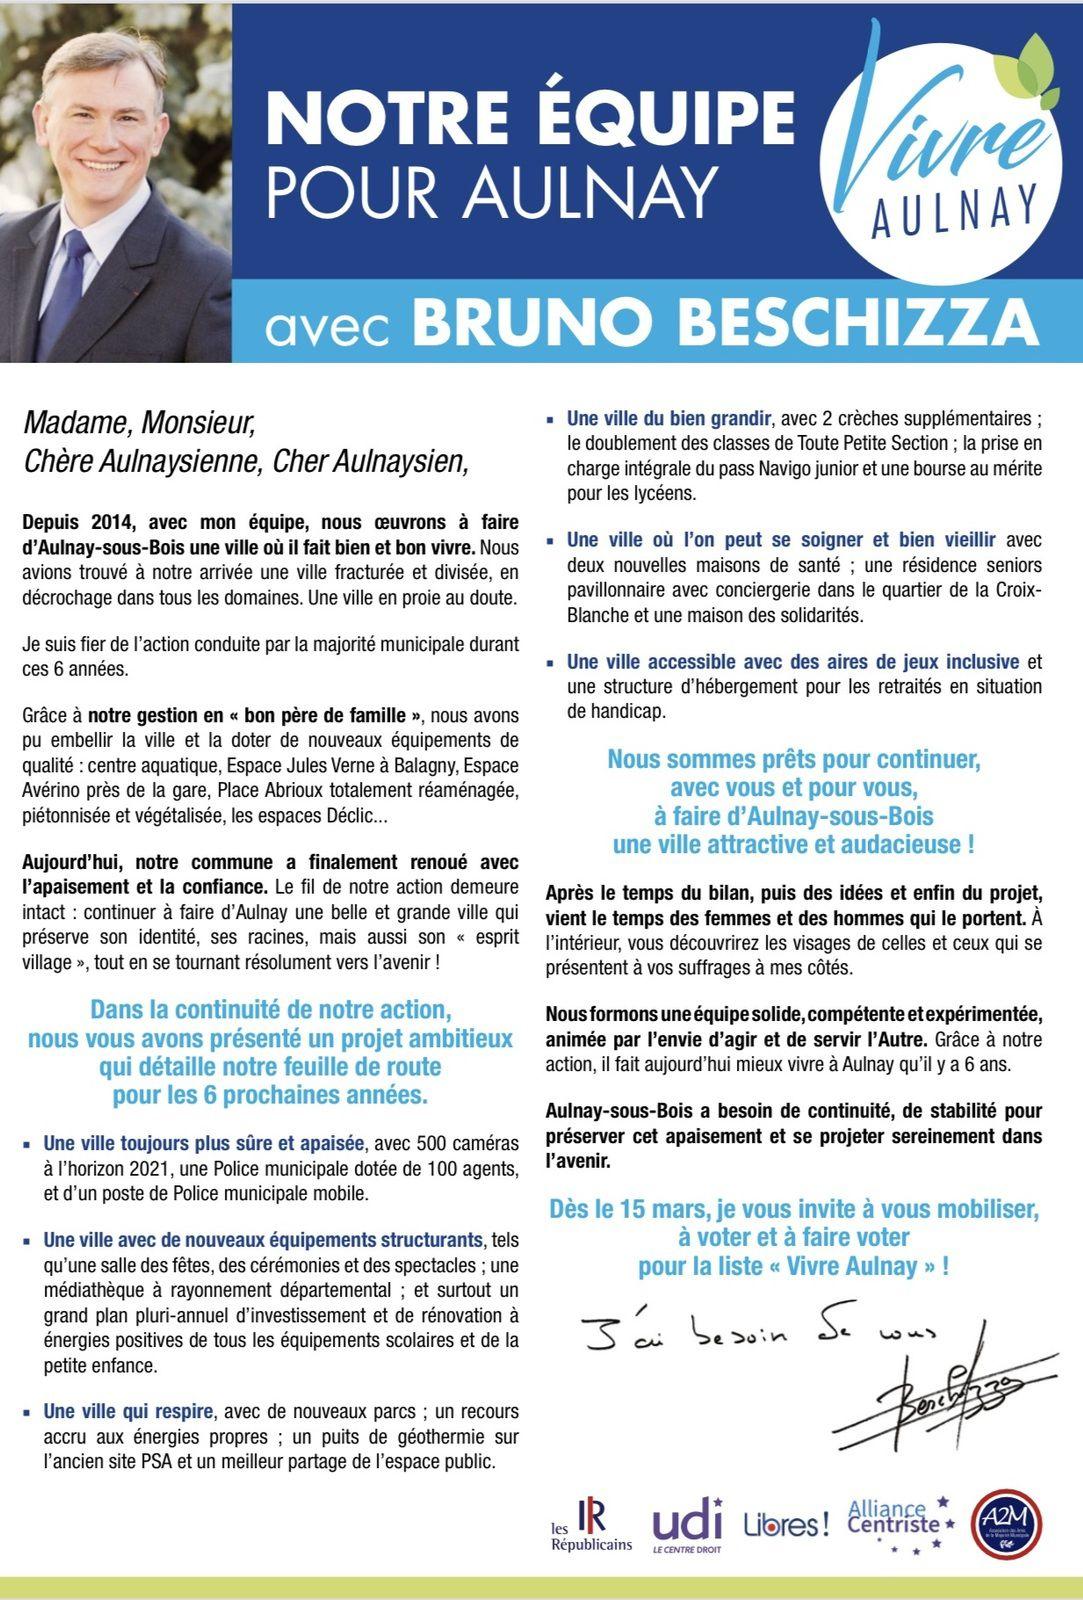 Municipales 2020 à Aulnay-sous-Bois : l'équipe Vivre Aulnay avec Bruno Beschizza